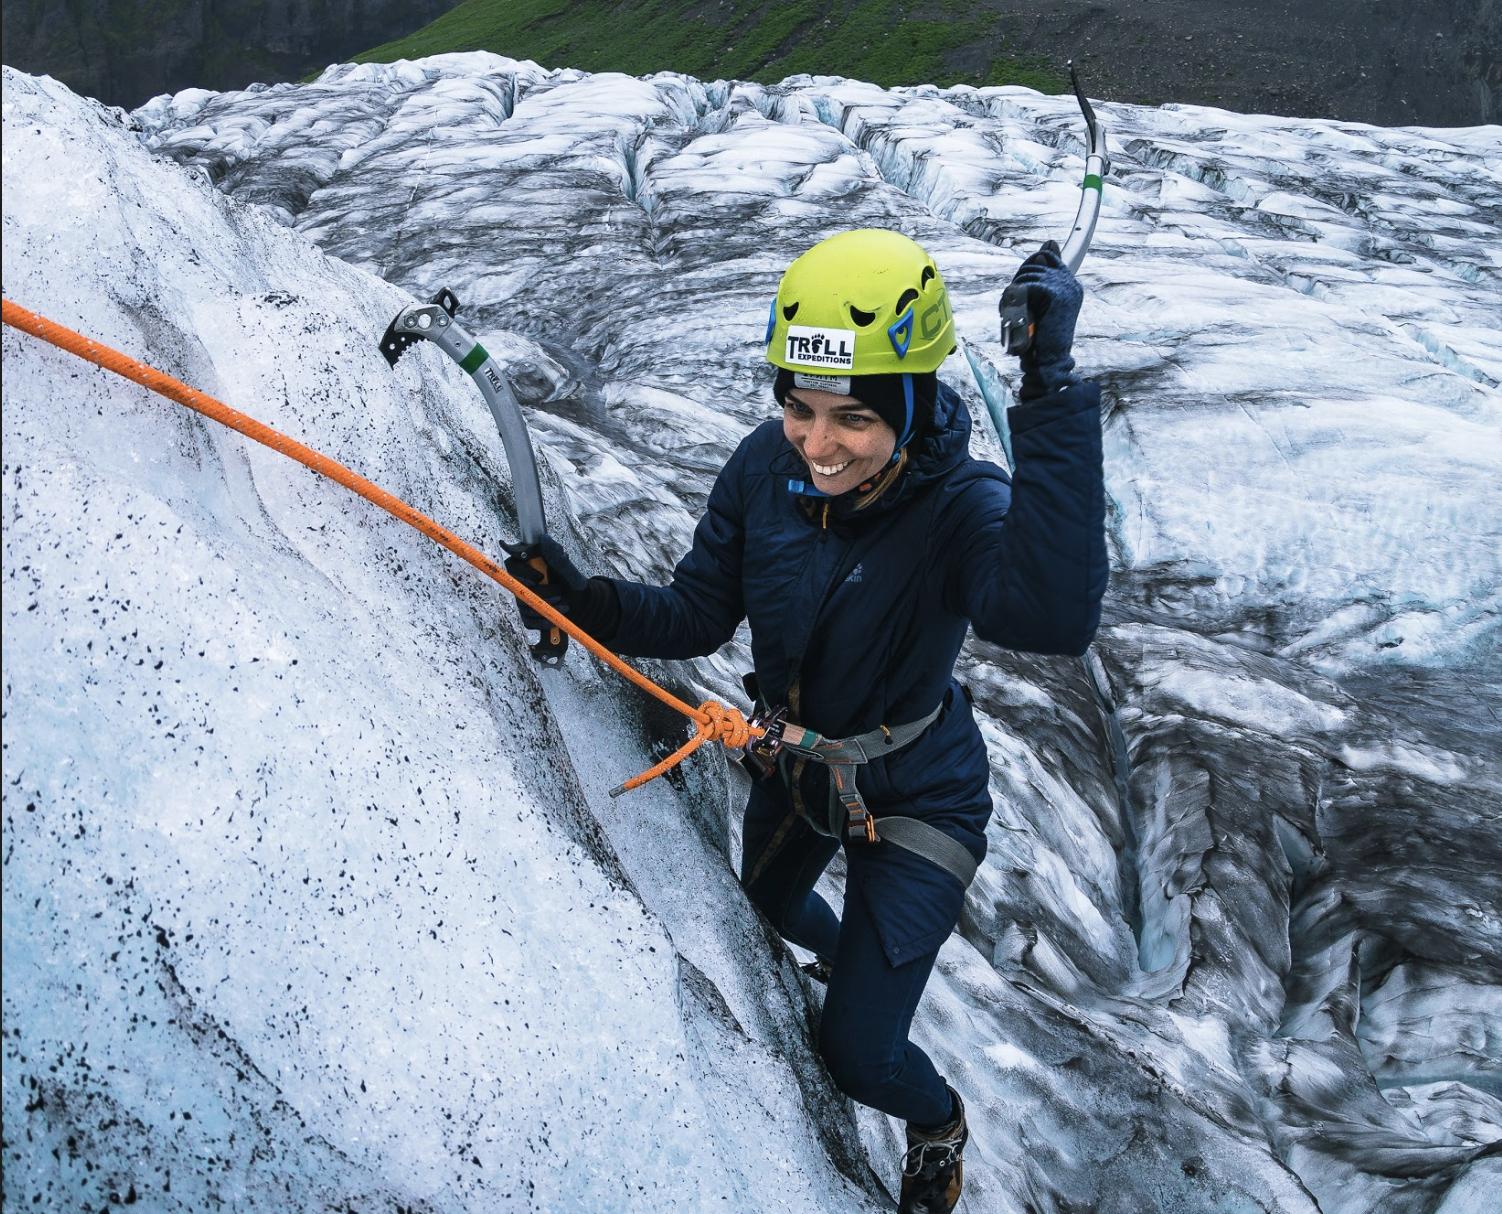 Isklättring är ett klassiskt isländskt äventyr.